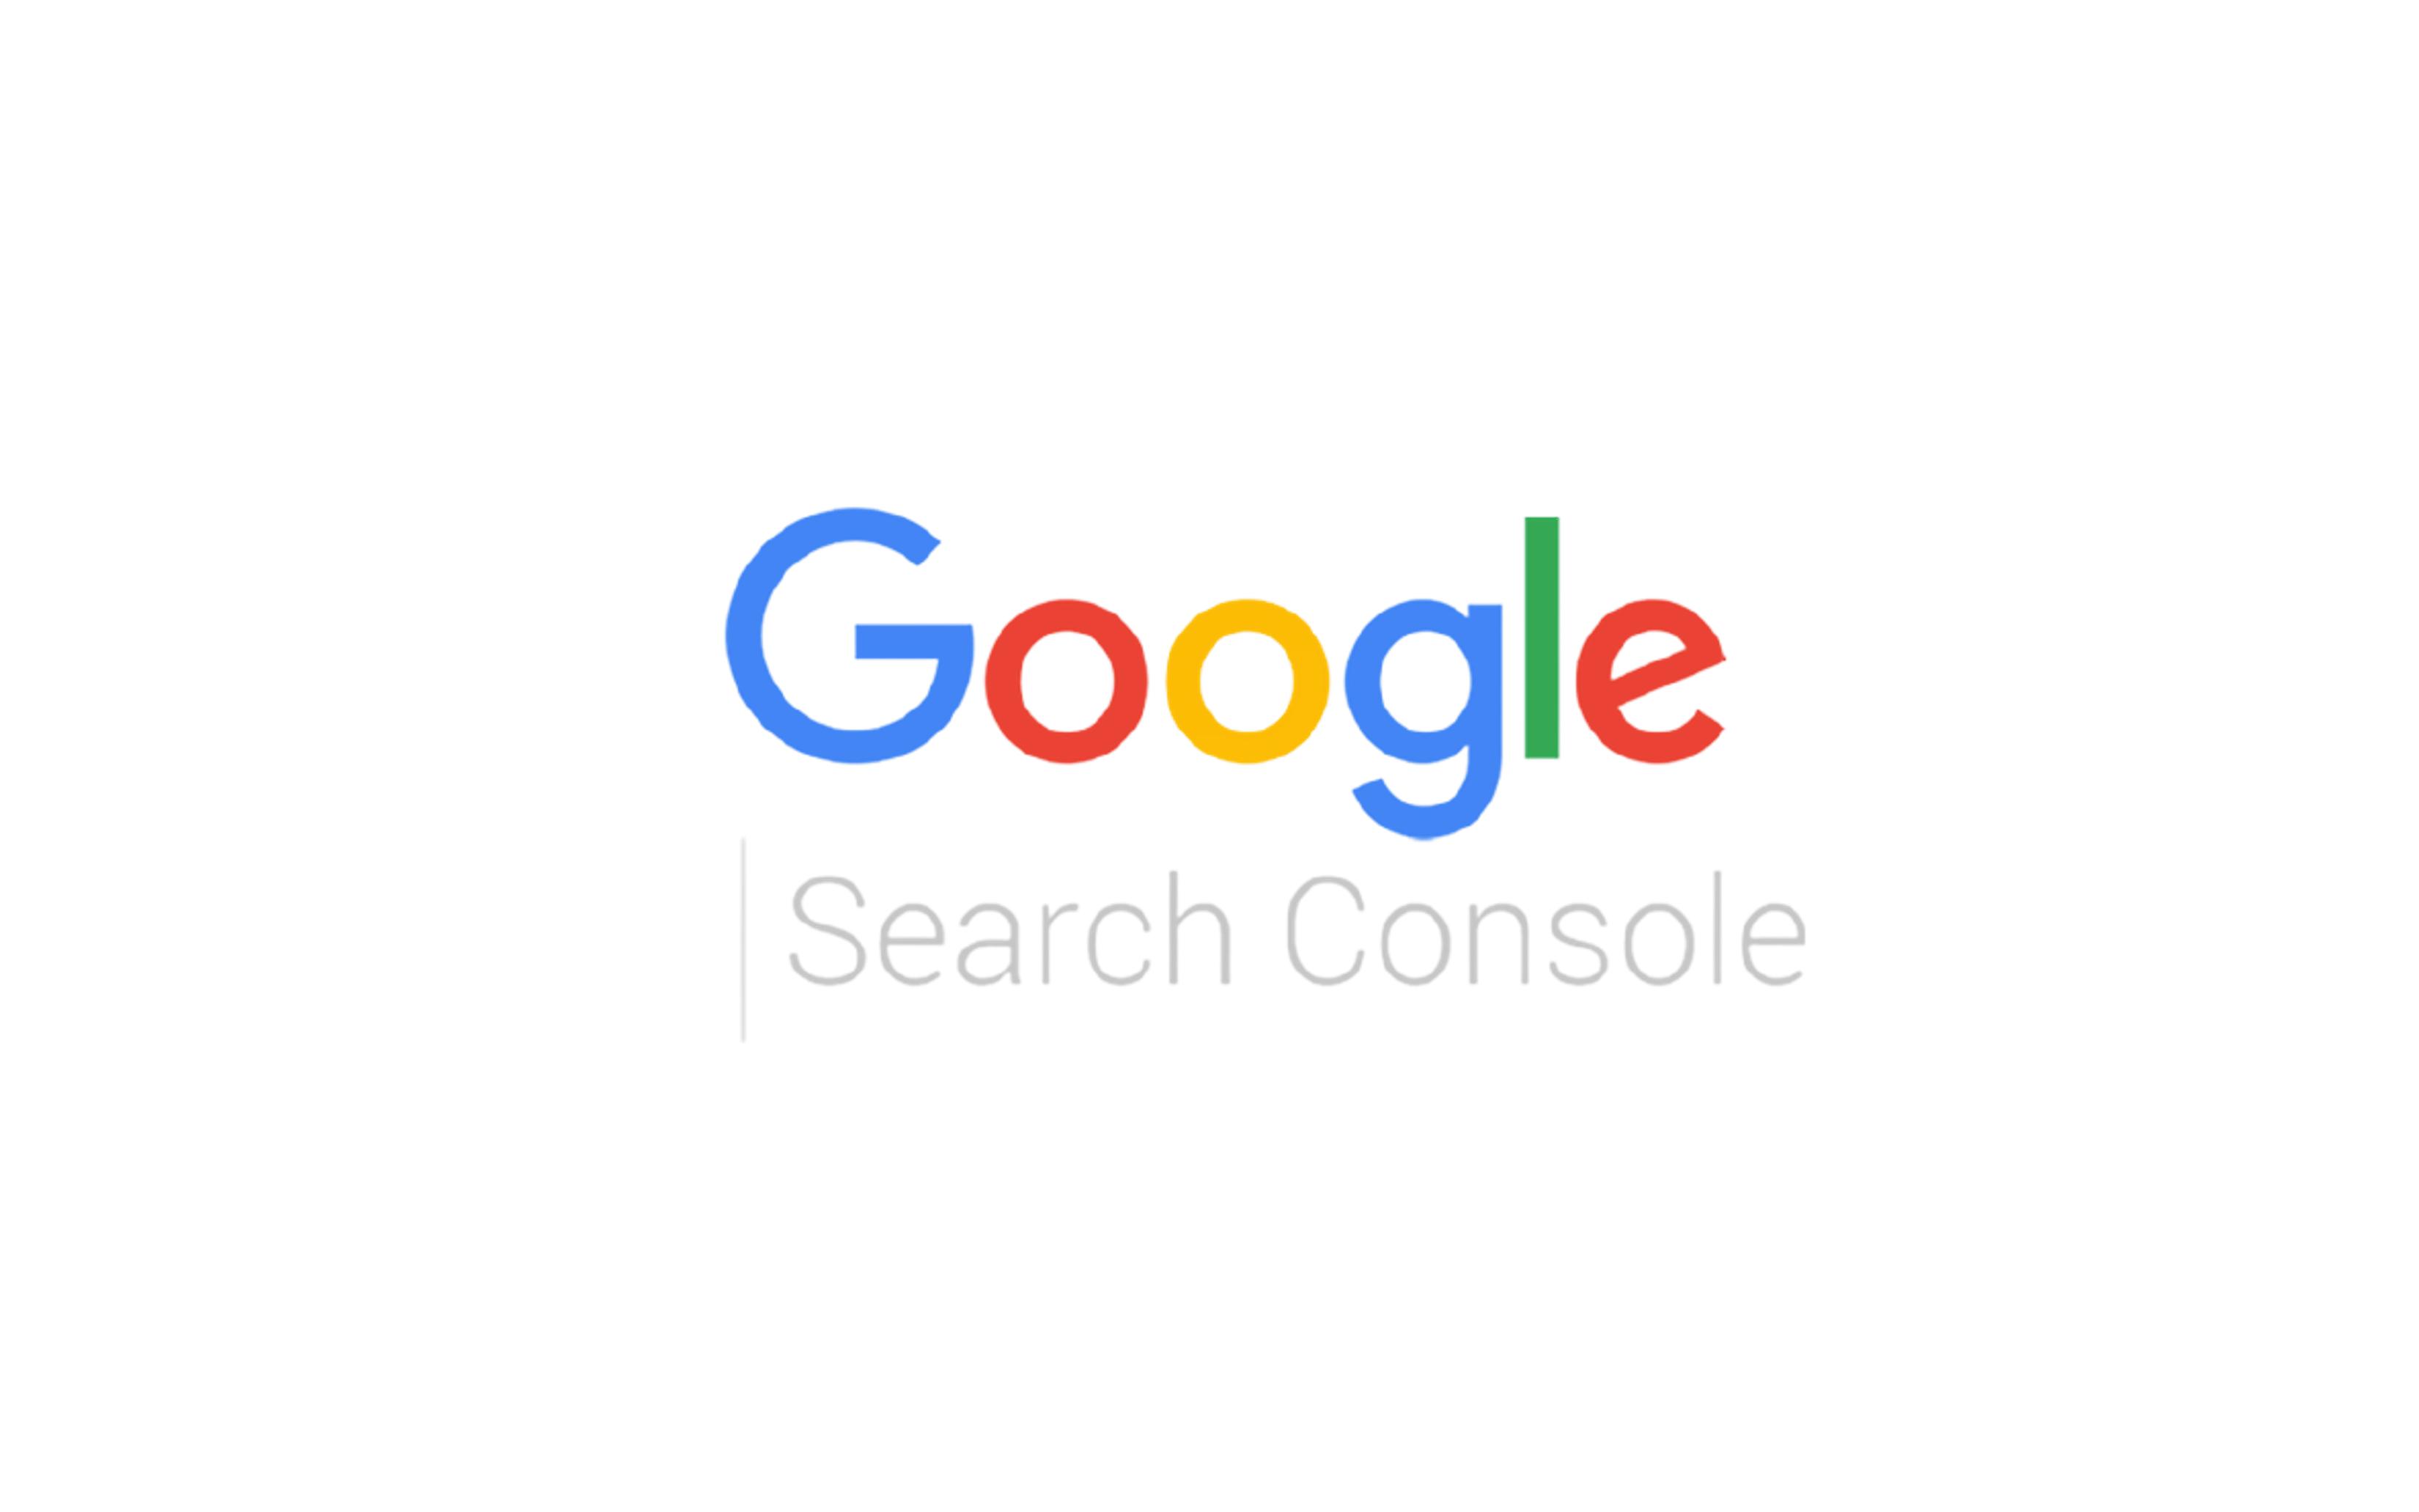 구글 서치콘솔 로고